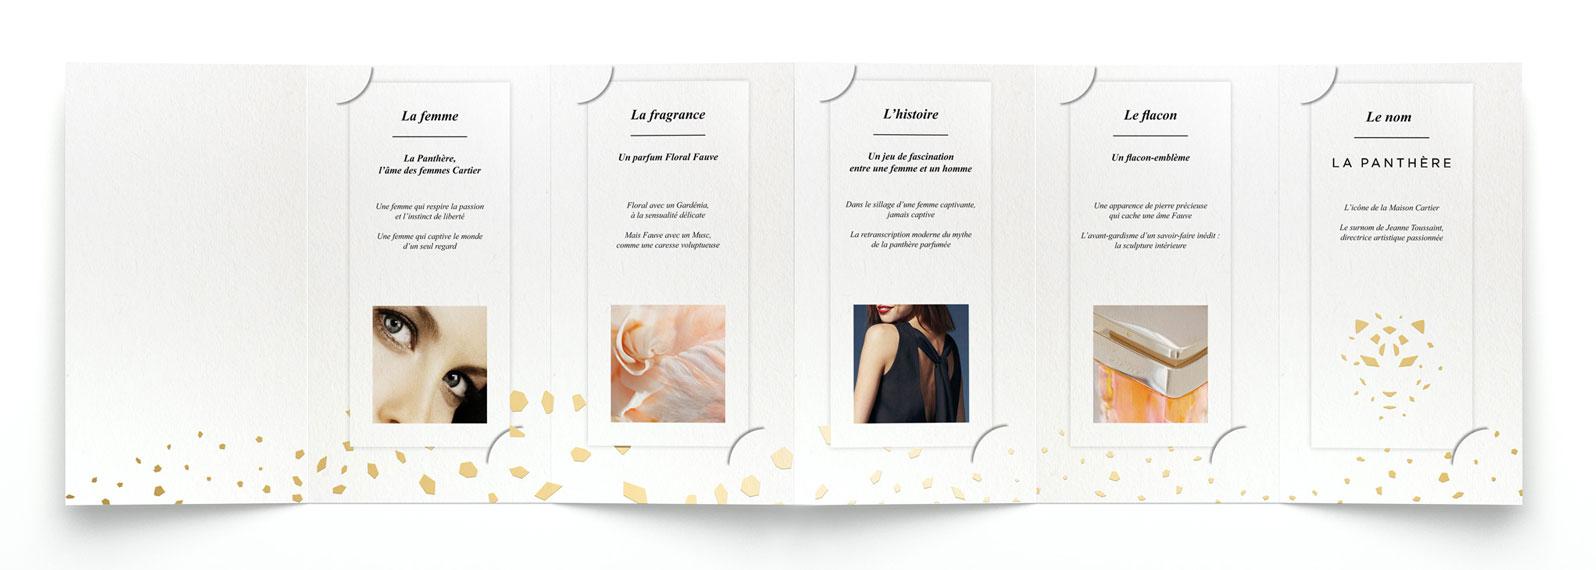 Dépliant recto à plat explicatif du parfum Cartier